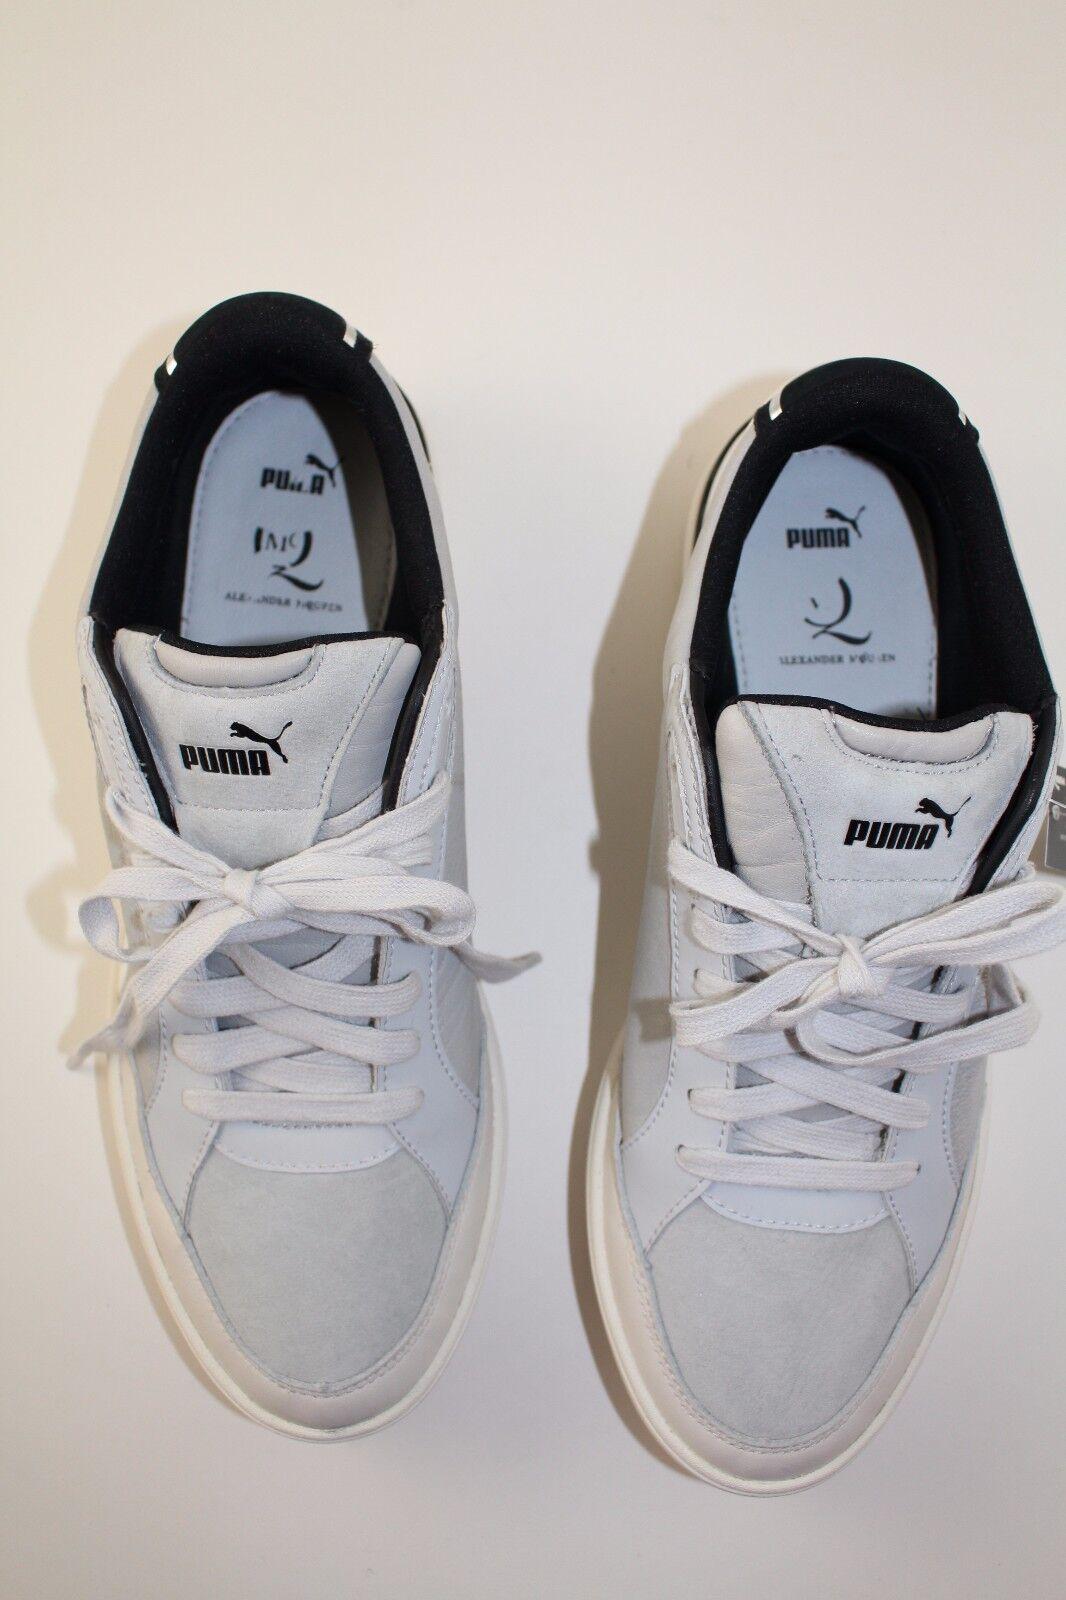 Alexander McQueen By Puma  Brace Femme Lo Leather Sneakers sz US 9.5